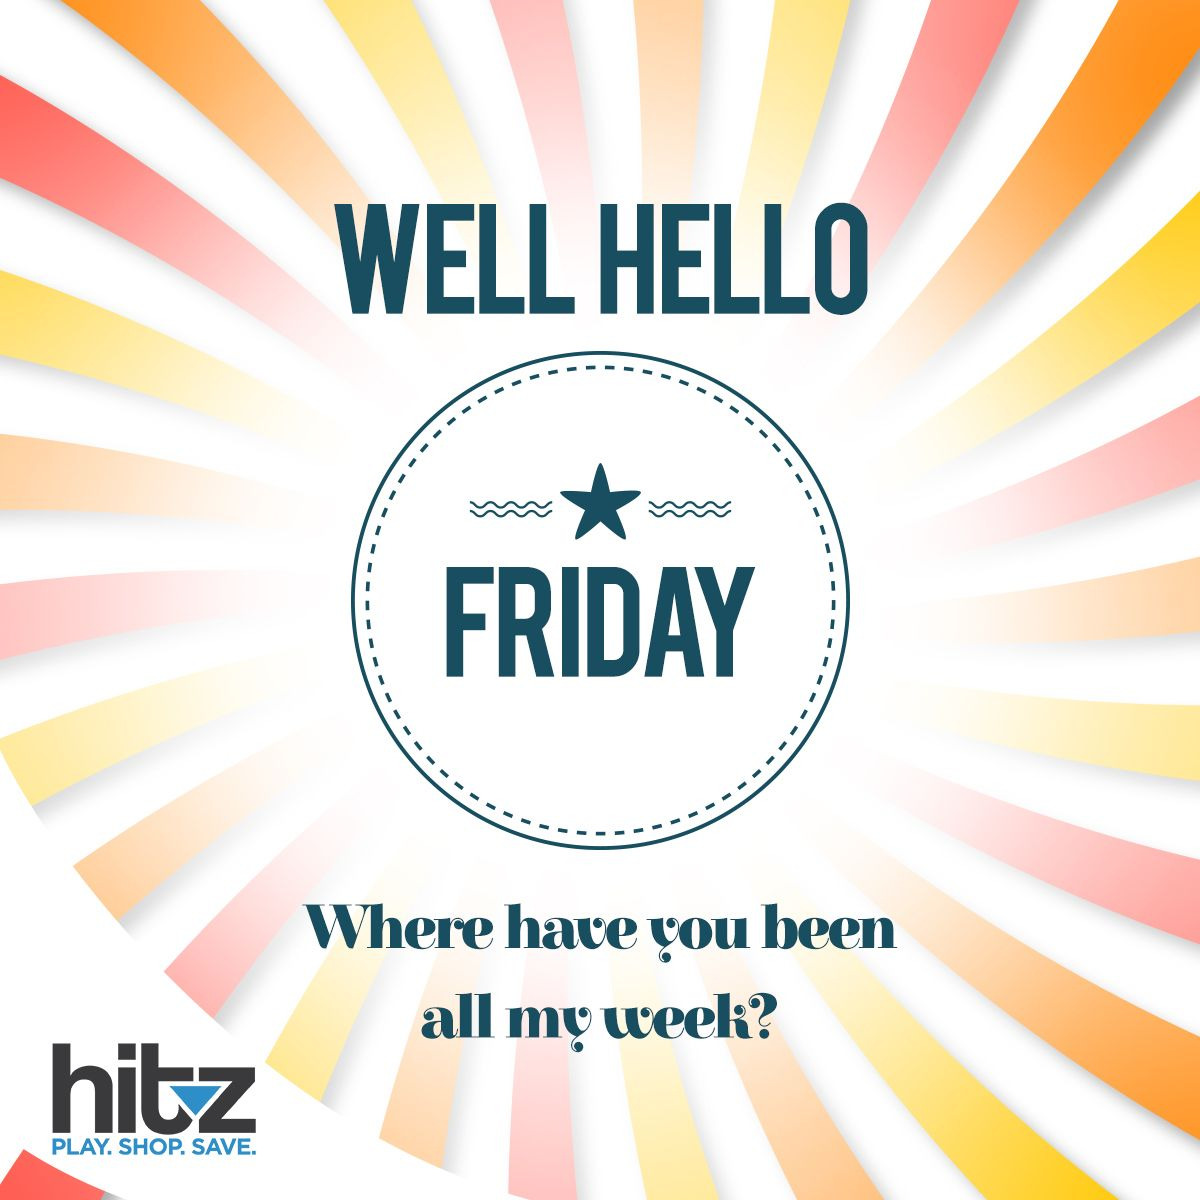 نتمنى لكم نهاية أسبوع سعيدة #نهاية_الأسبوع #جمعة_مباركة